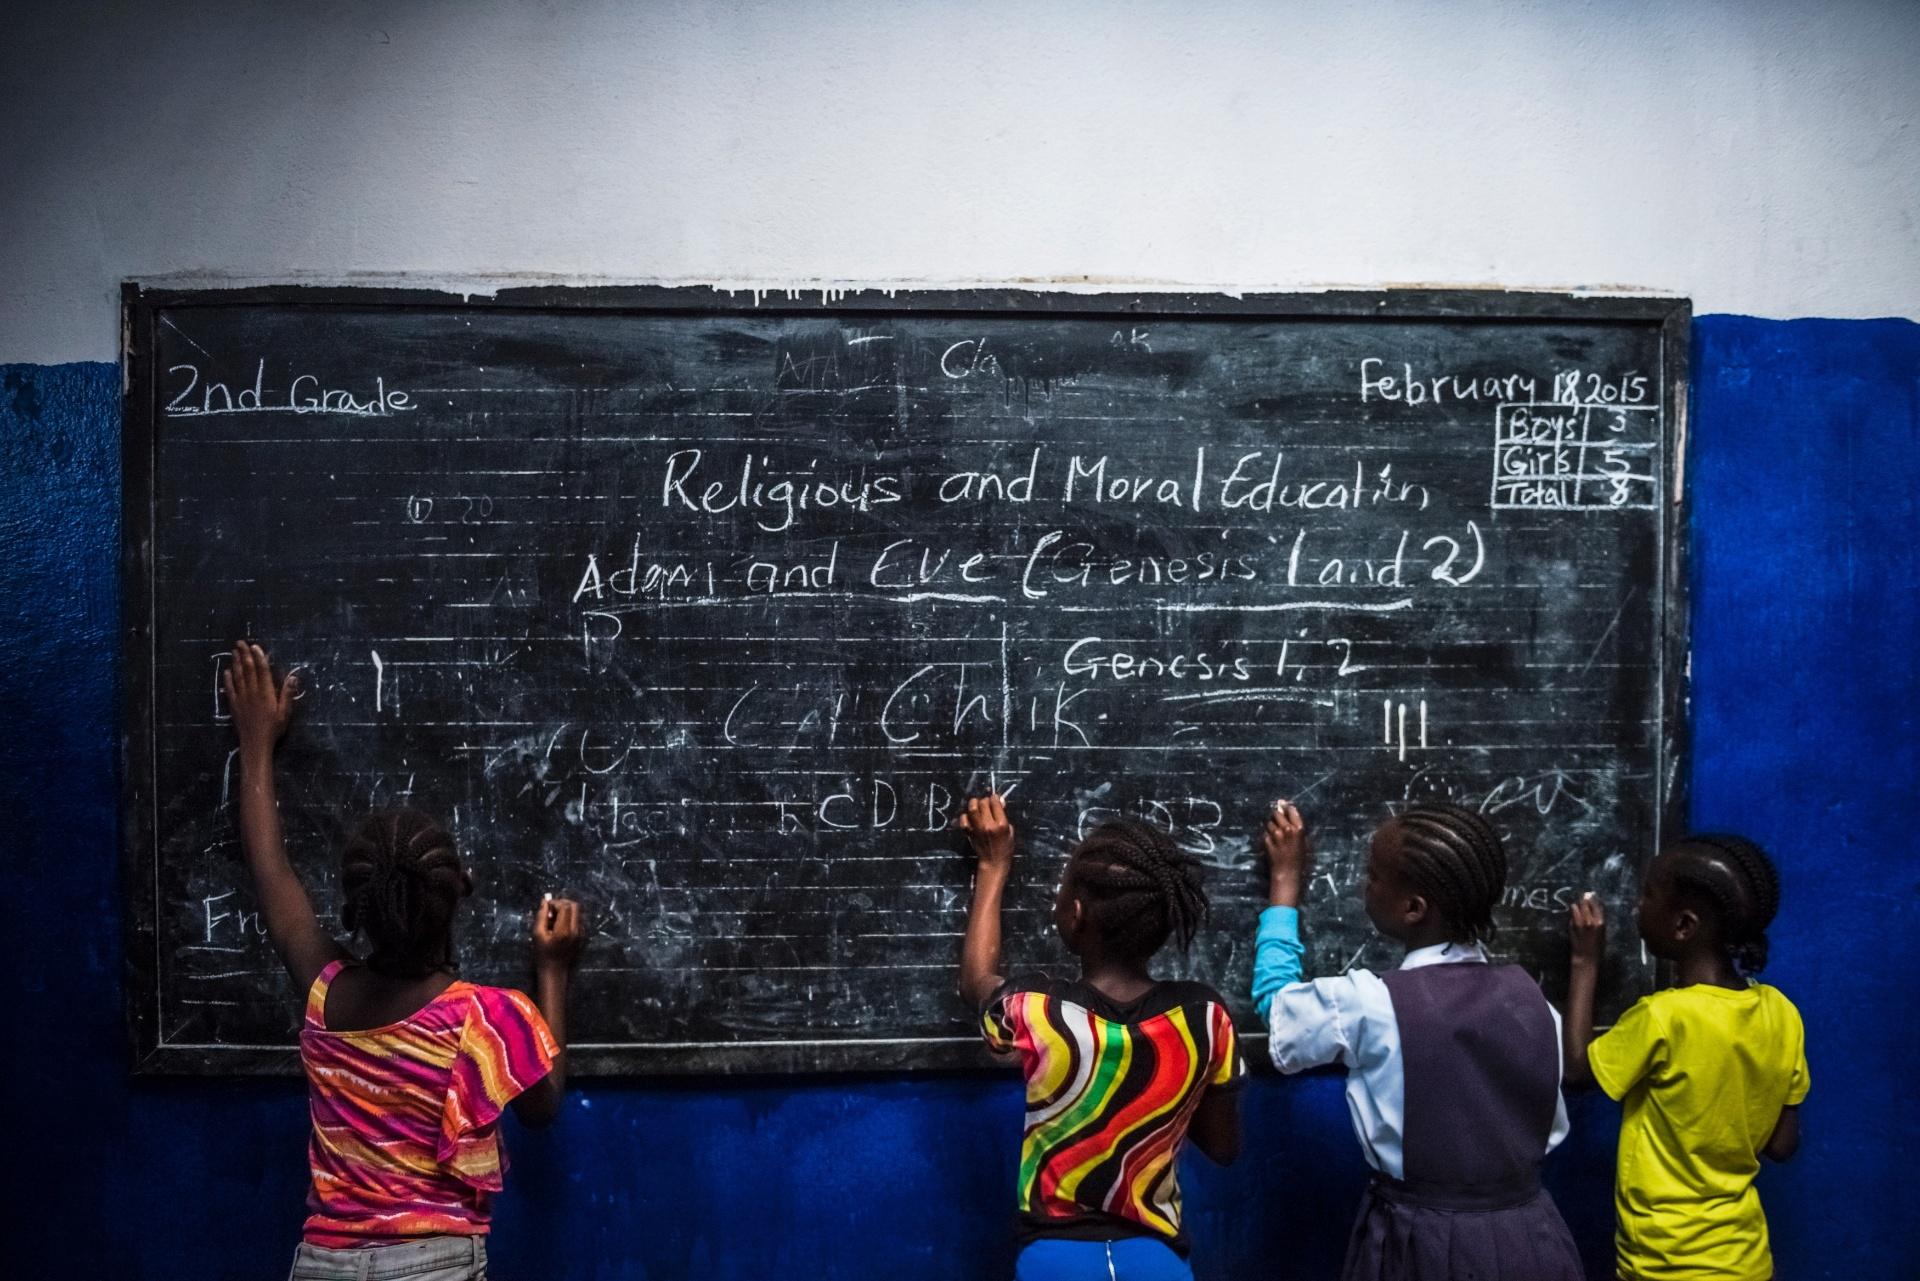 4.mar.2015 -Alunos do segundo ano do ensino fundamental aproveitam o tempo livre após um professor faltar pelo terceiro dia seguido, na escola C.D.B. King, em Monrovia, na Liberia